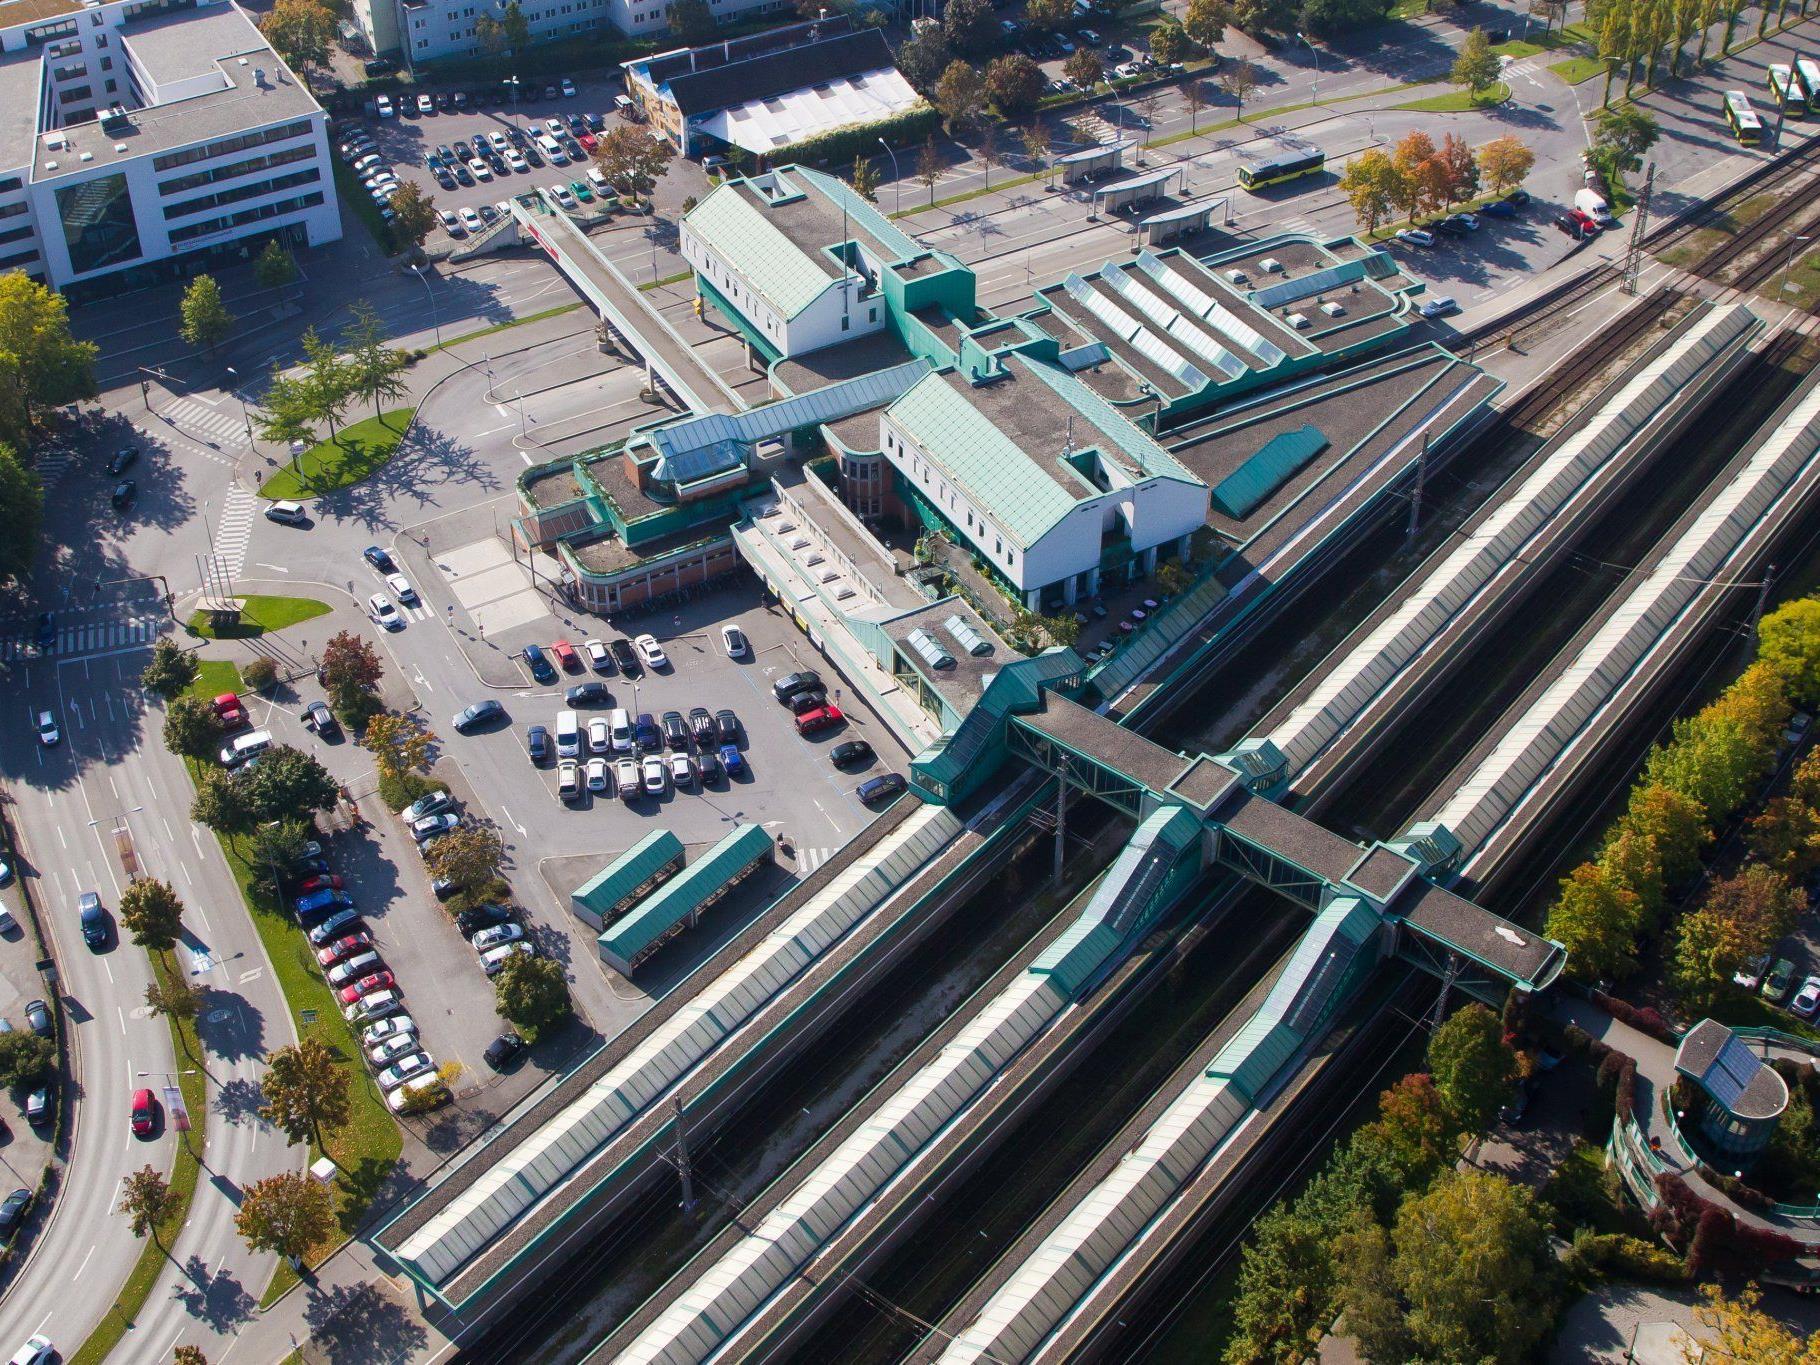 Große Umbauarbeiten am Bahnhofsareal geplant.